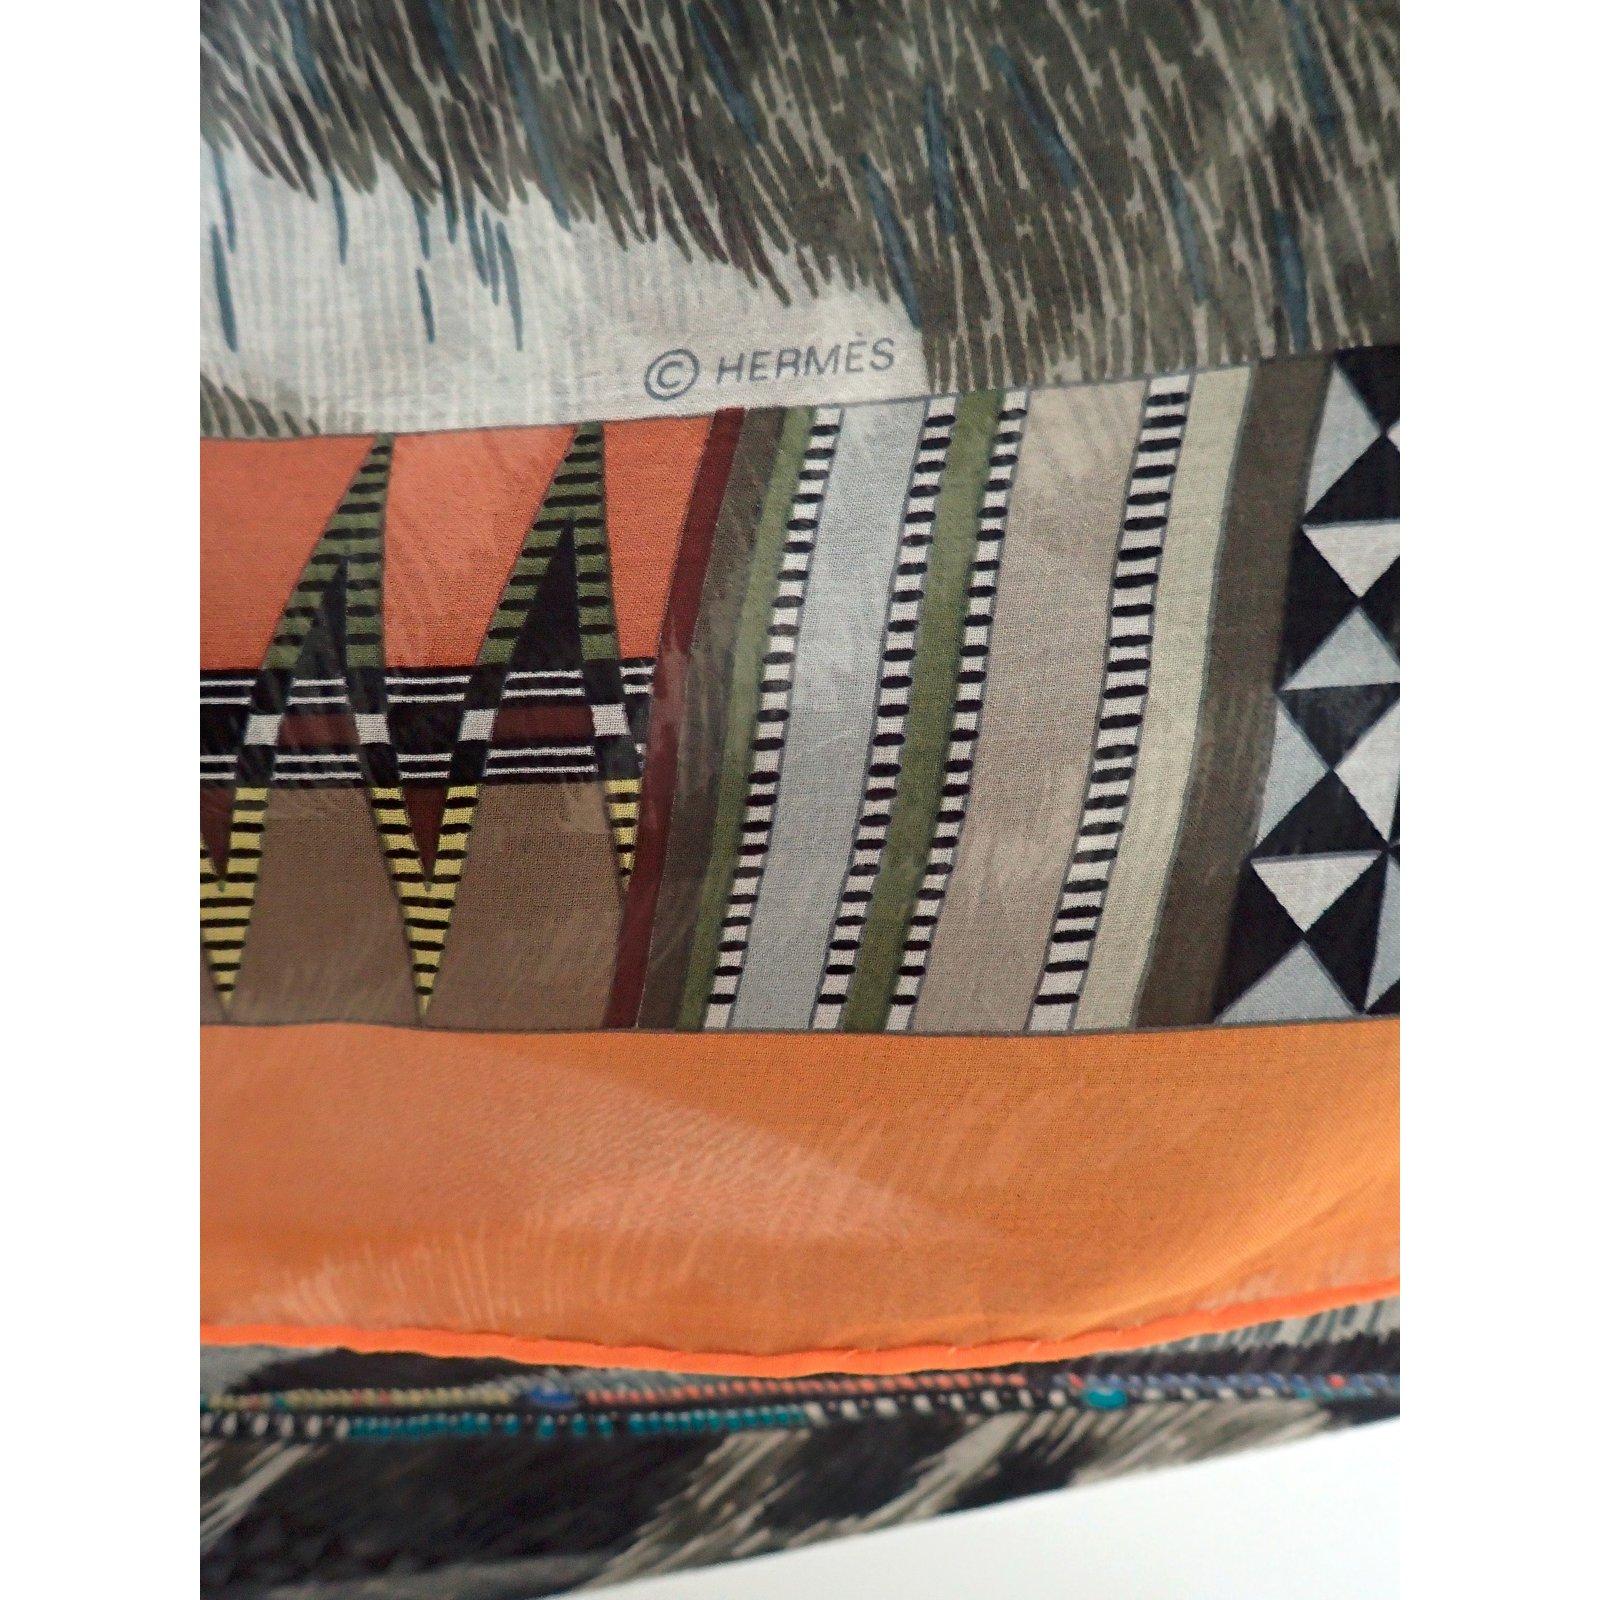 9d51ee784c Foulards Hermès Pelages et Camouflage Soie Marron,Imprimé léopard,Imprimé  Zèbre ref.36917 - Joli Closet